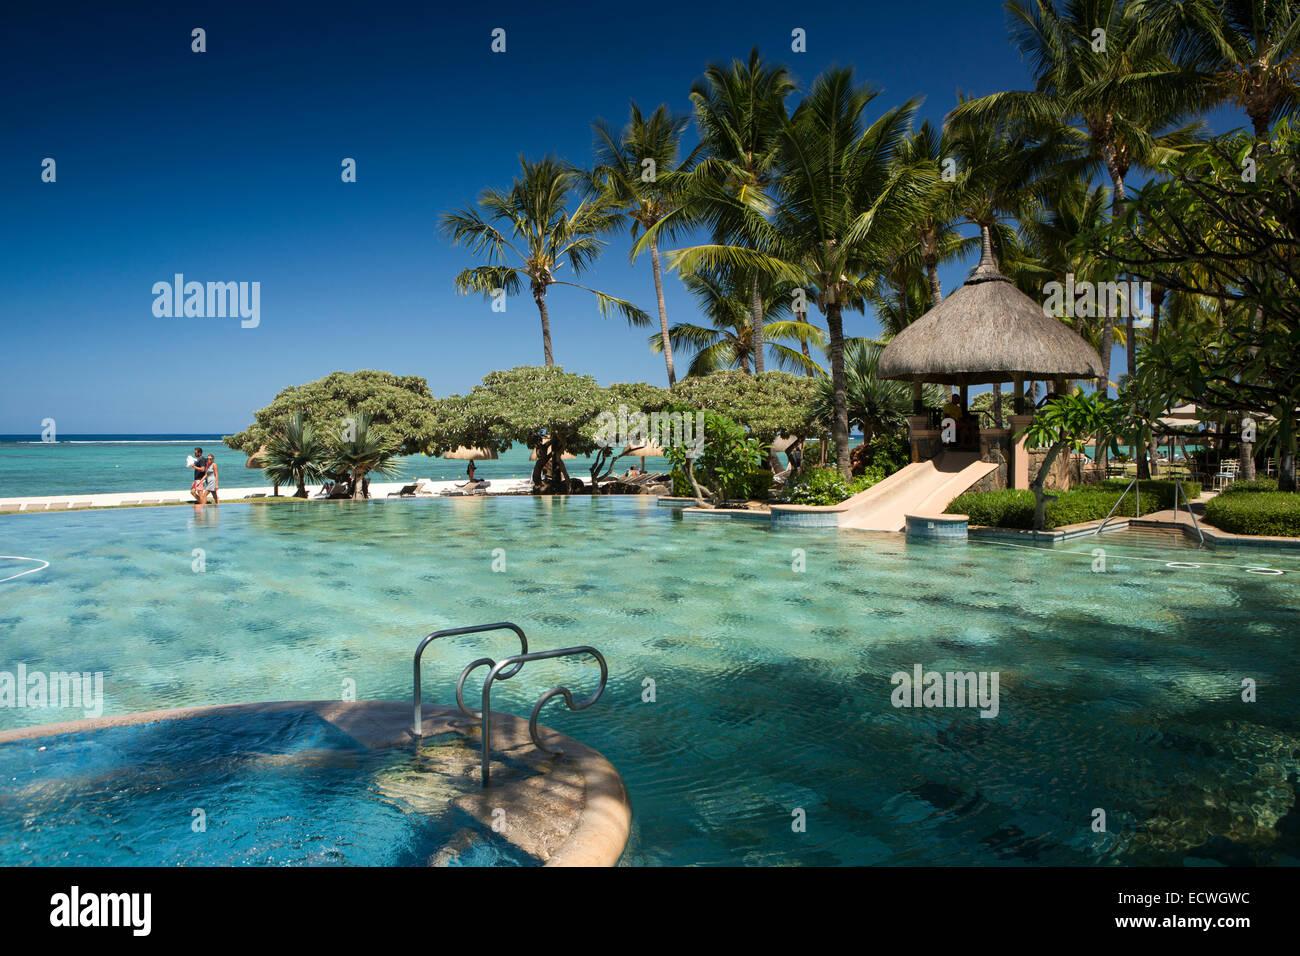 Mauritius flic en flac la pirogue hotel swimming pool for Swimming pool mauritius